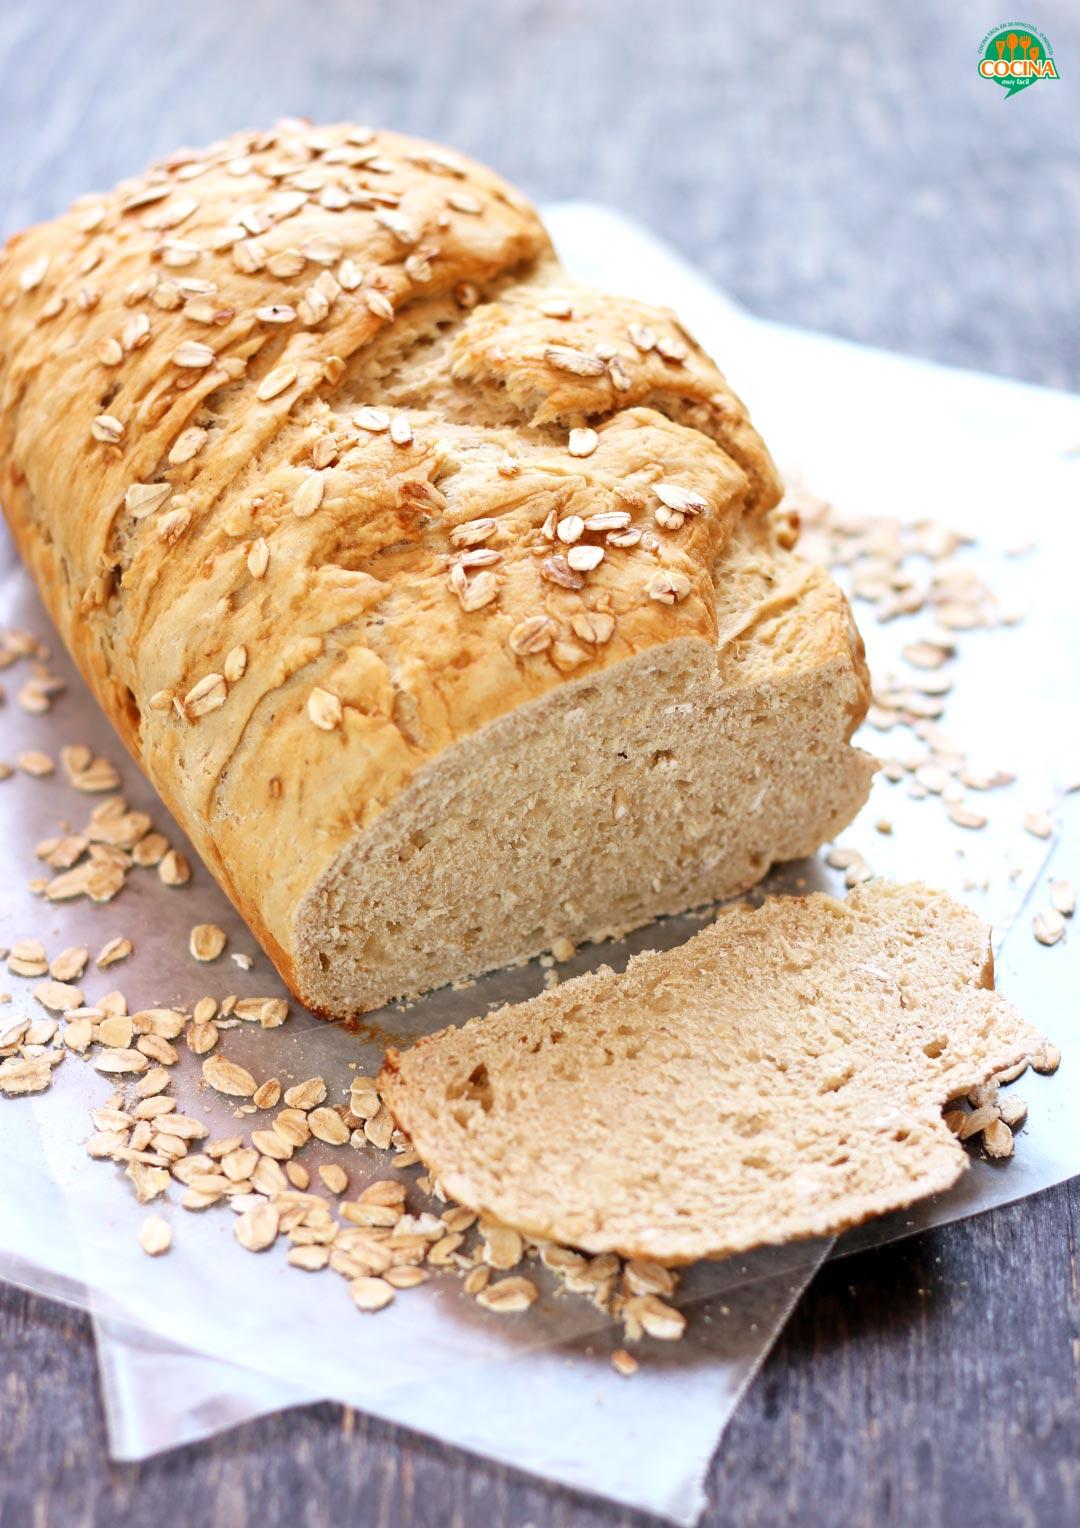 Pan de avena y miel. Receta | cocinamuyfacil.com